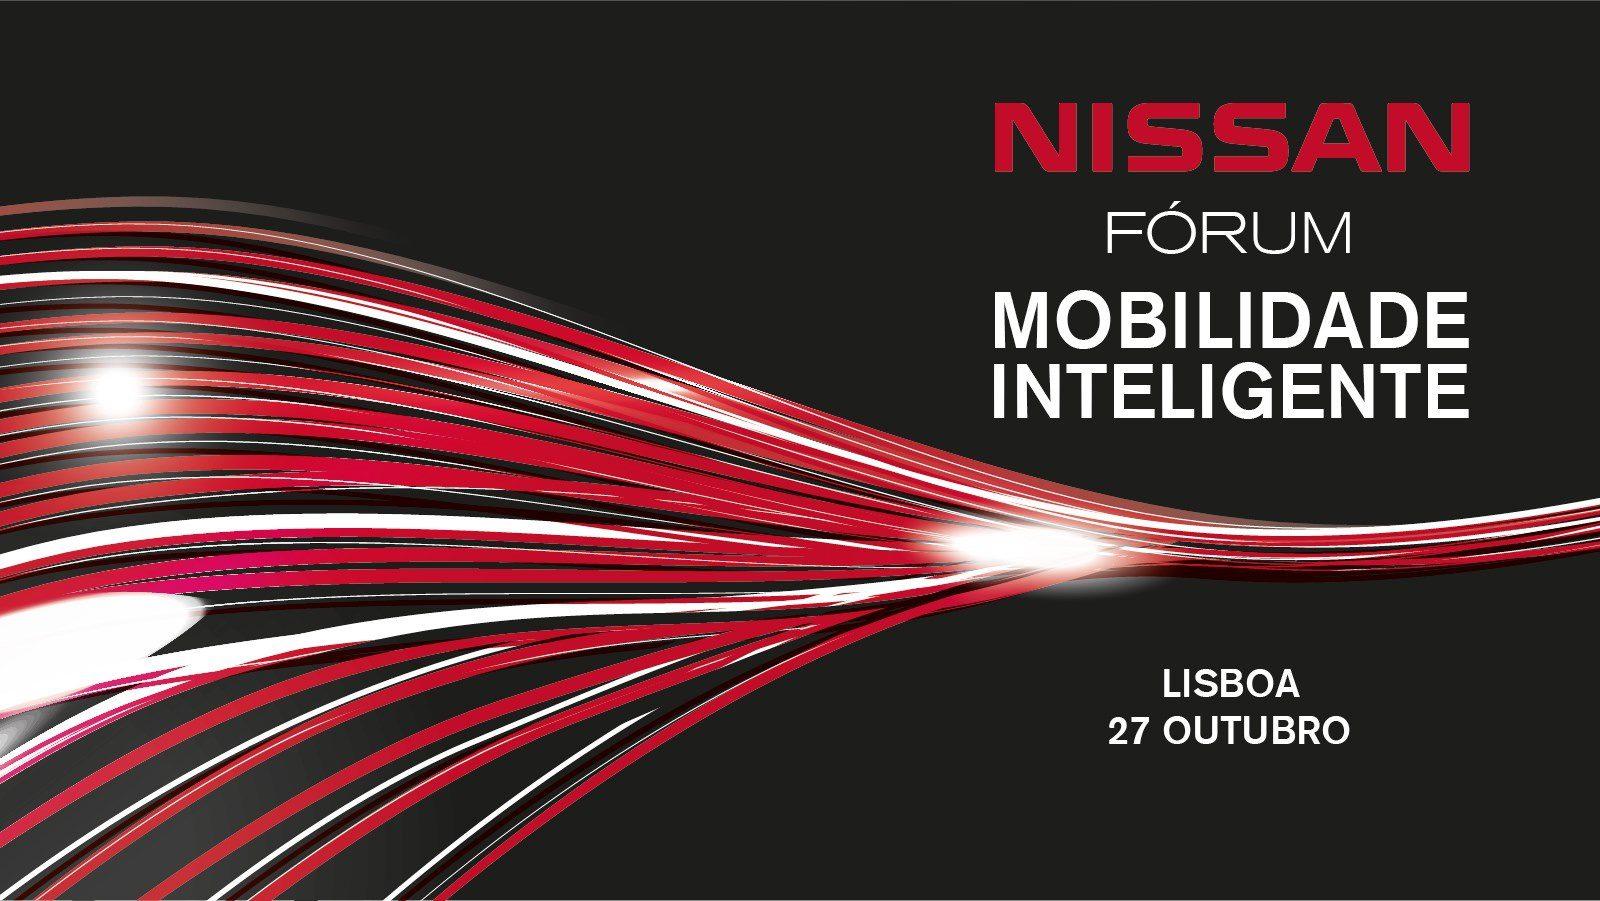 Nissan – Fórum Mobilidade Inteligente